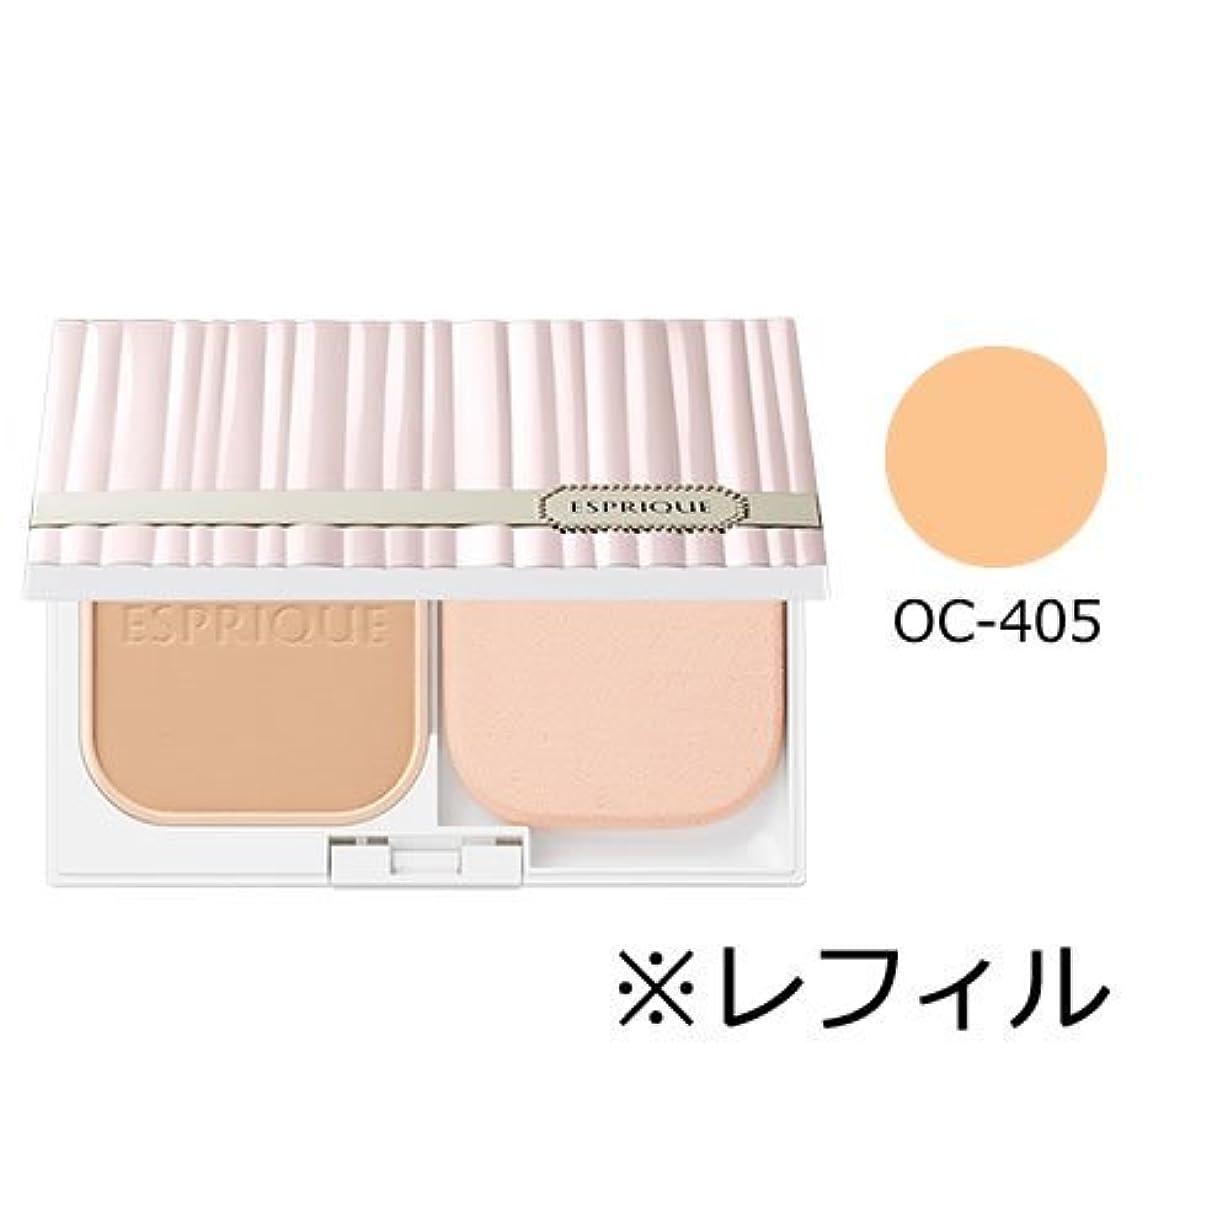 デクリメント容量付添人コーセー エスプリーク ピュアスキン パクト UV OC-405 レフィル [並行輸入品]